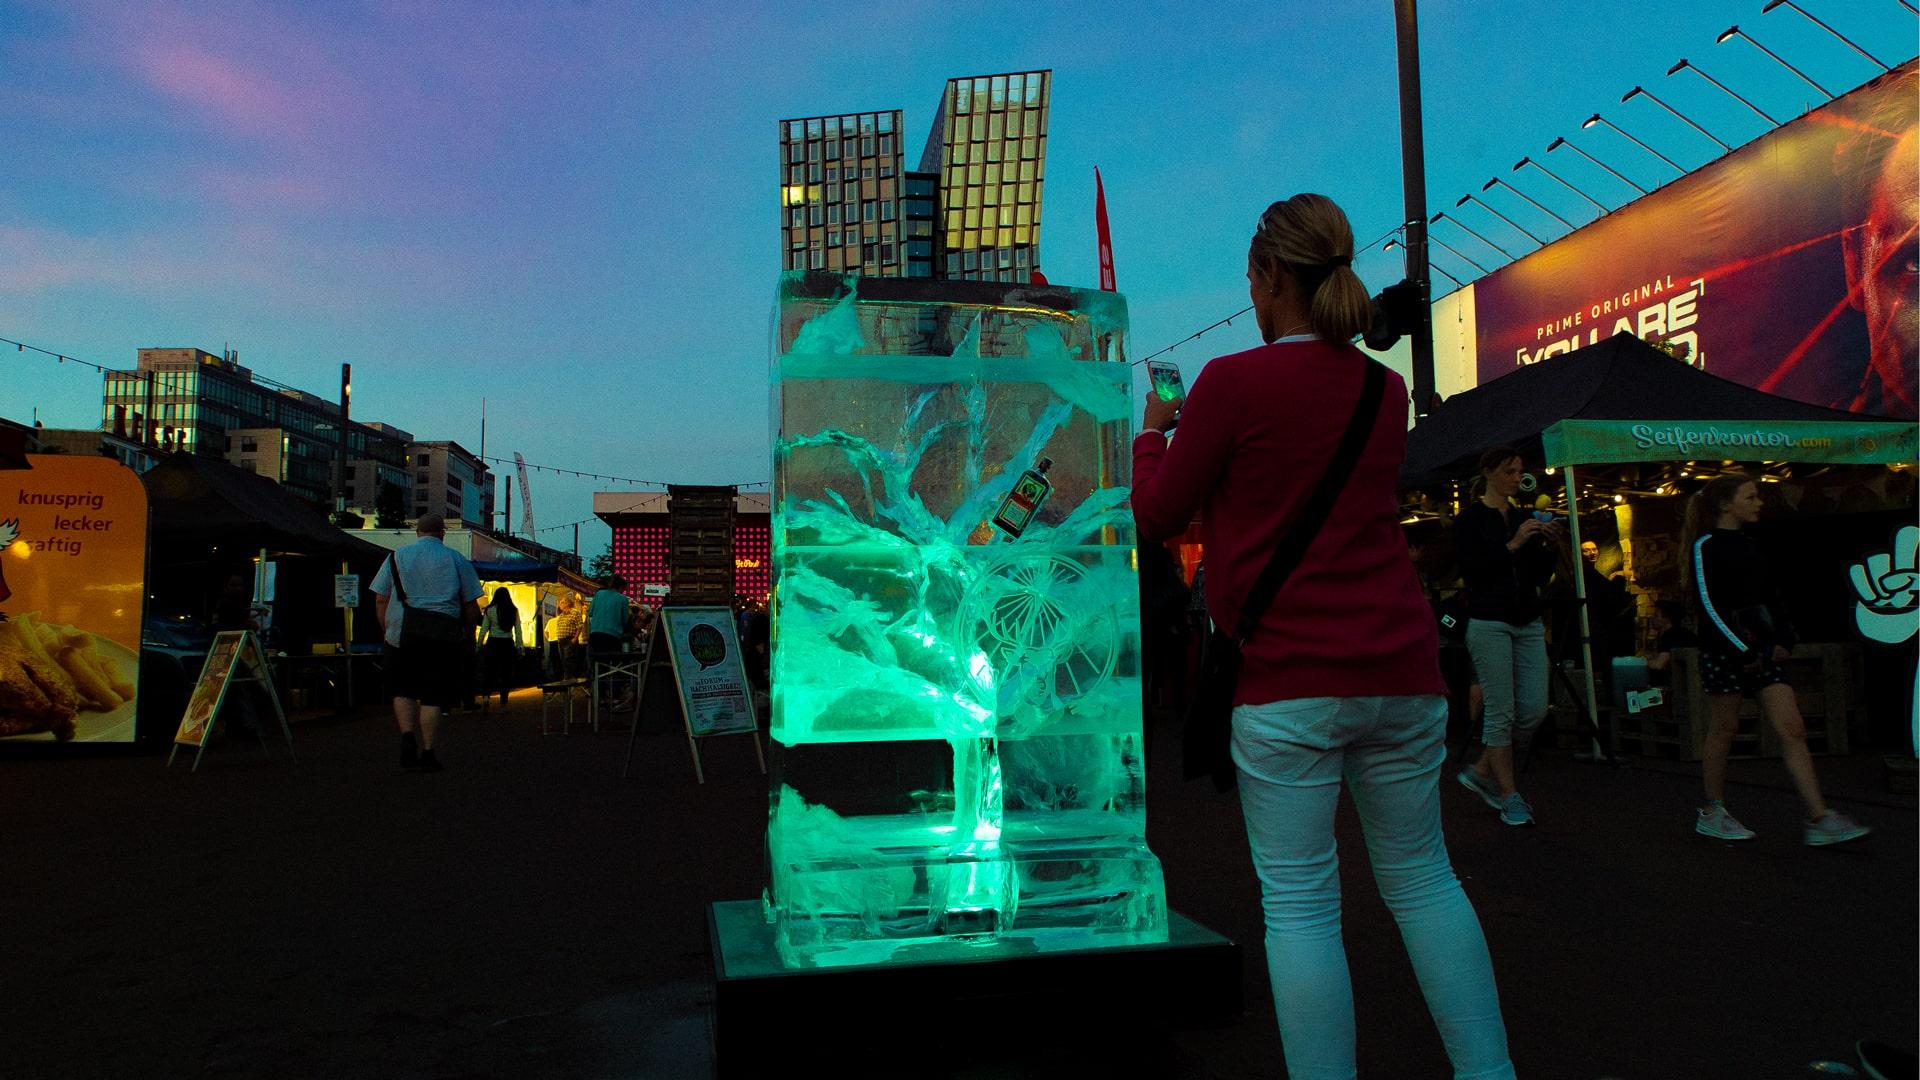 Eisplakat mit beleuchtung wird von Frau fotografiert - Hamburg Spielbudenplatz